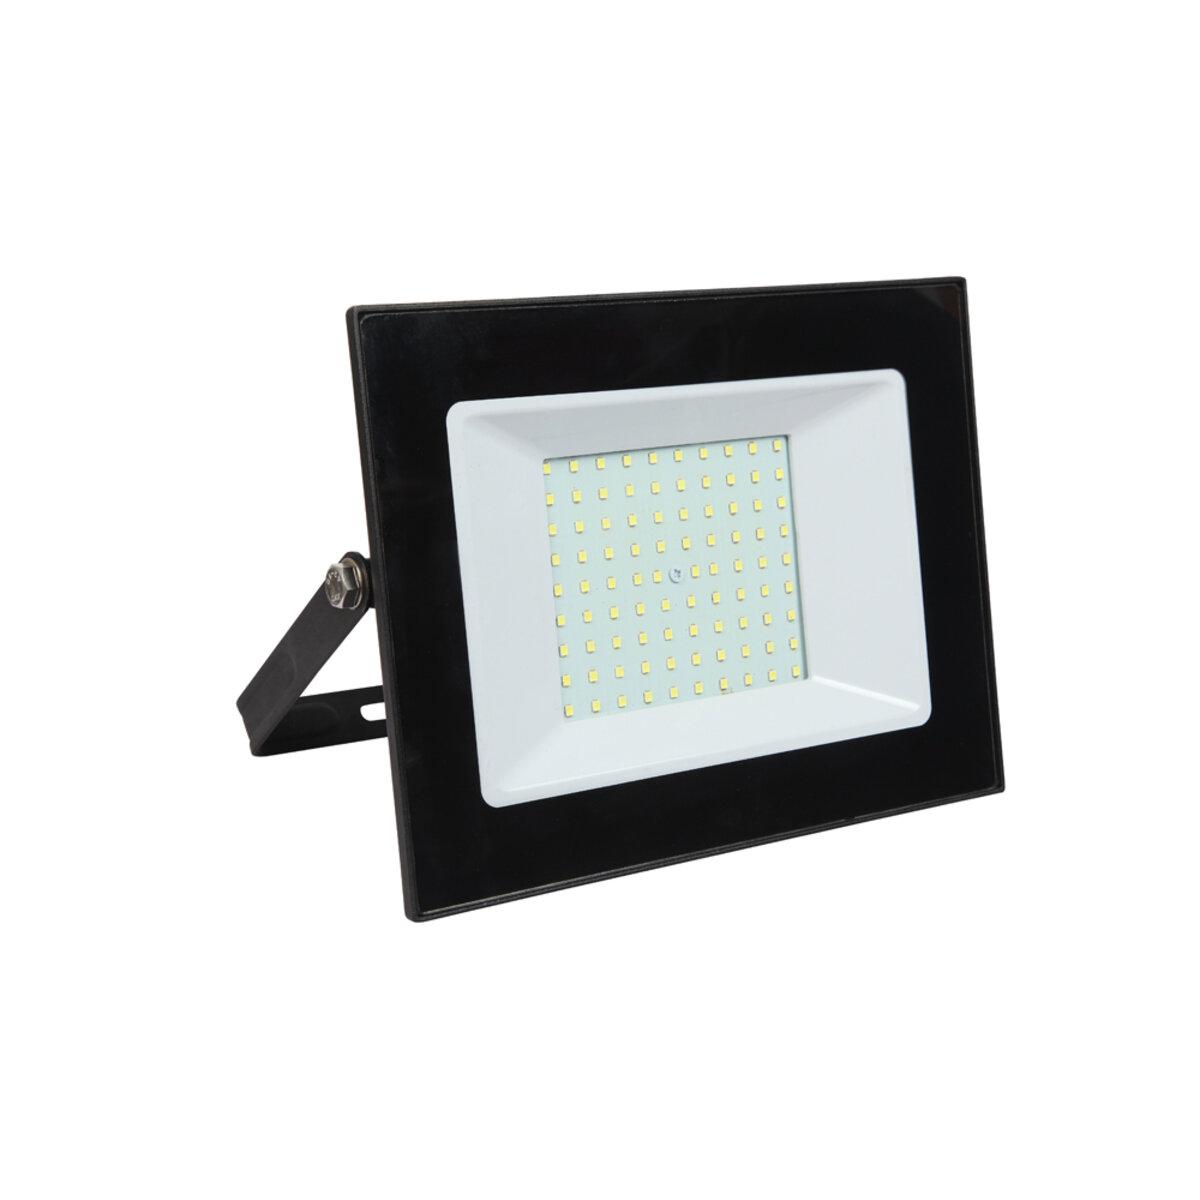 Reflector Linterna Lampara LED 100W 11000lm Hogar Jardin Foy